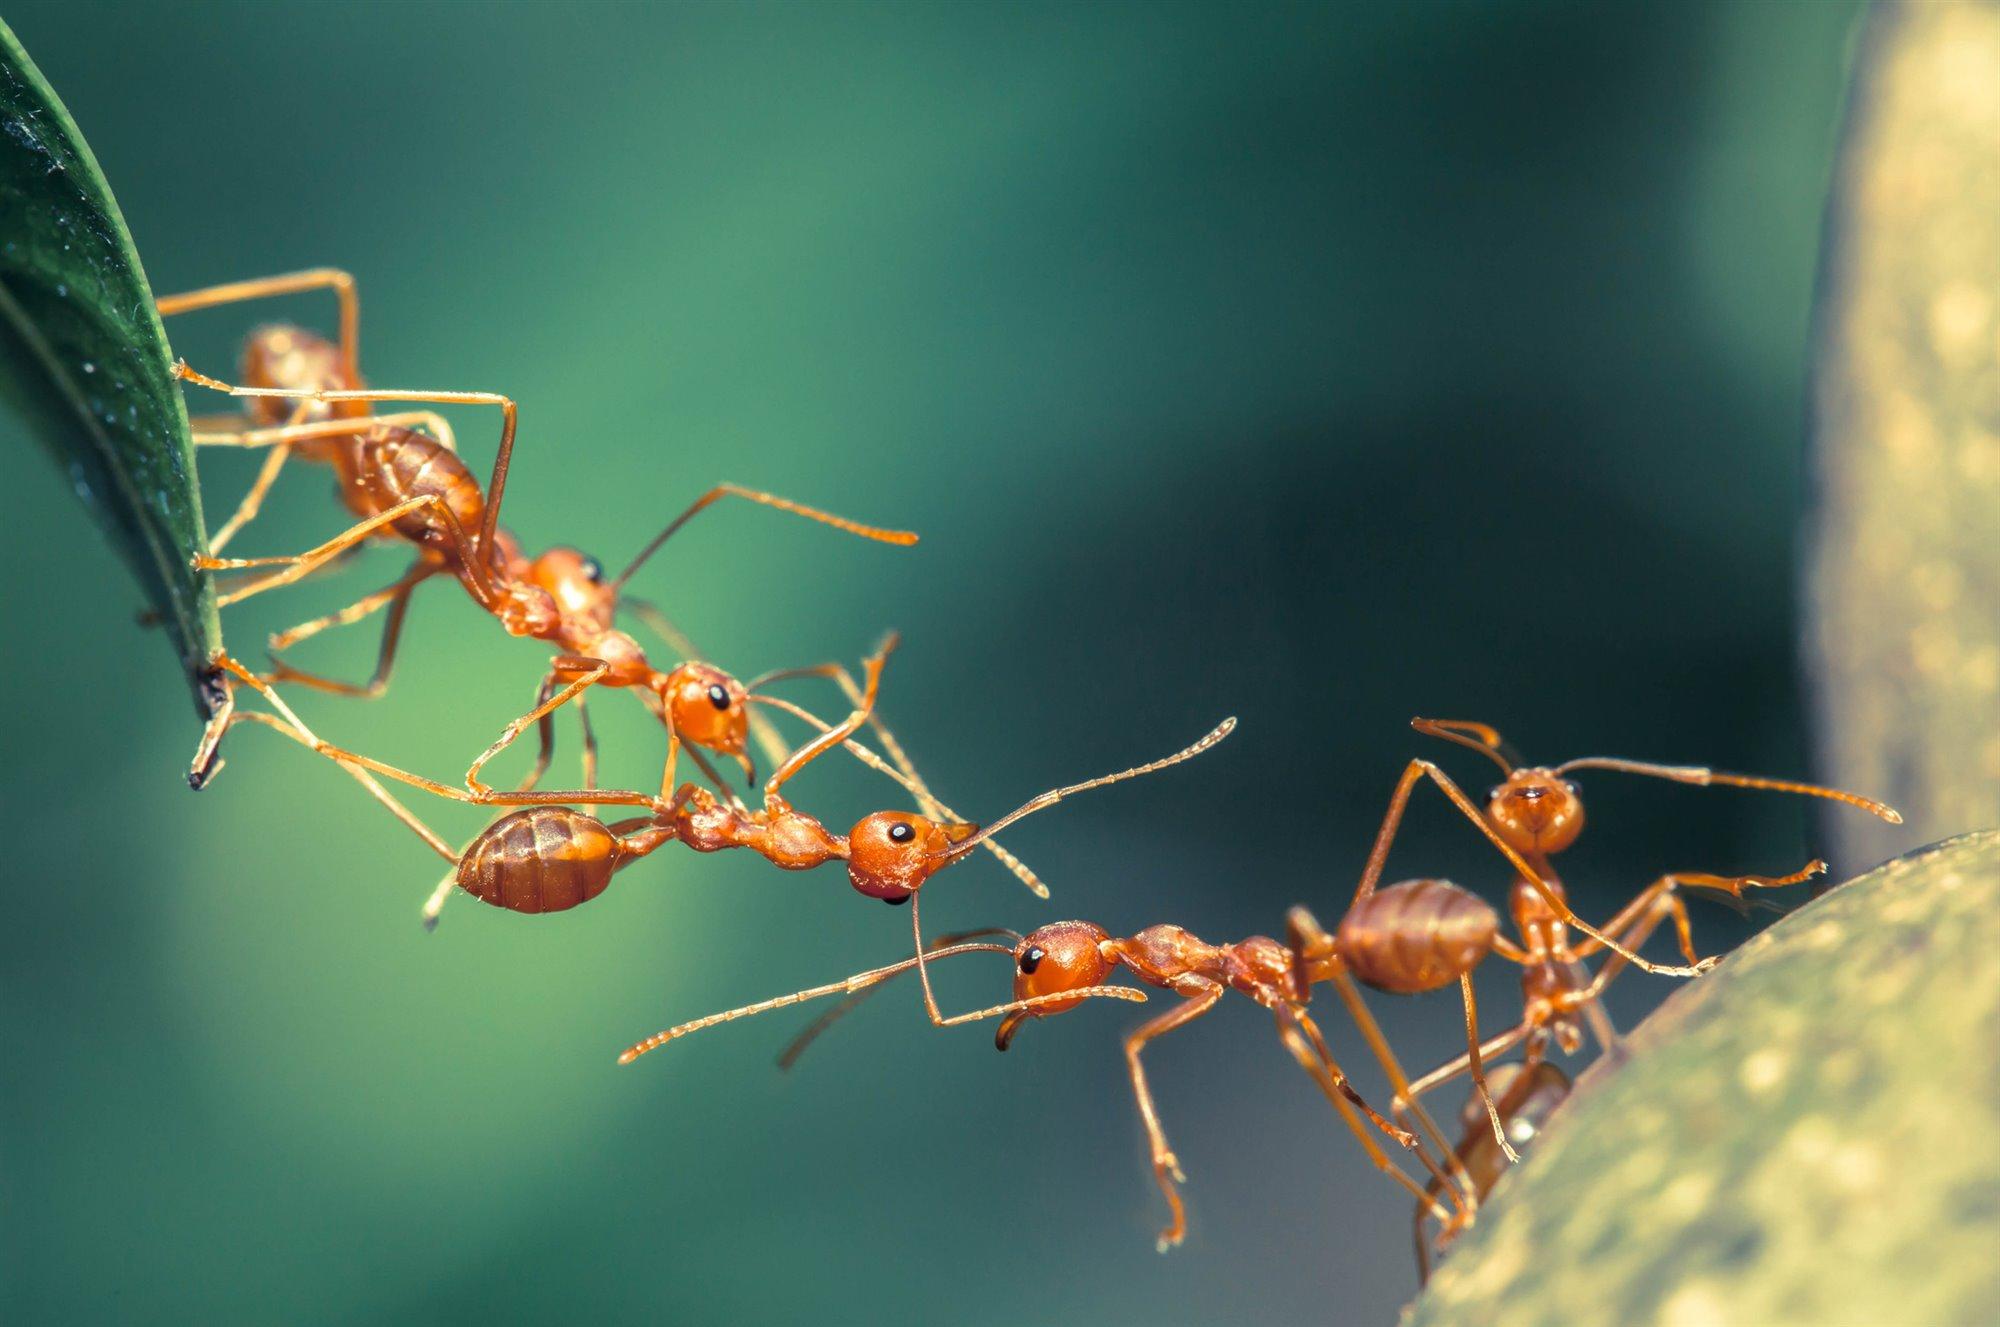 hormigas-tejedoras_5d09aacb